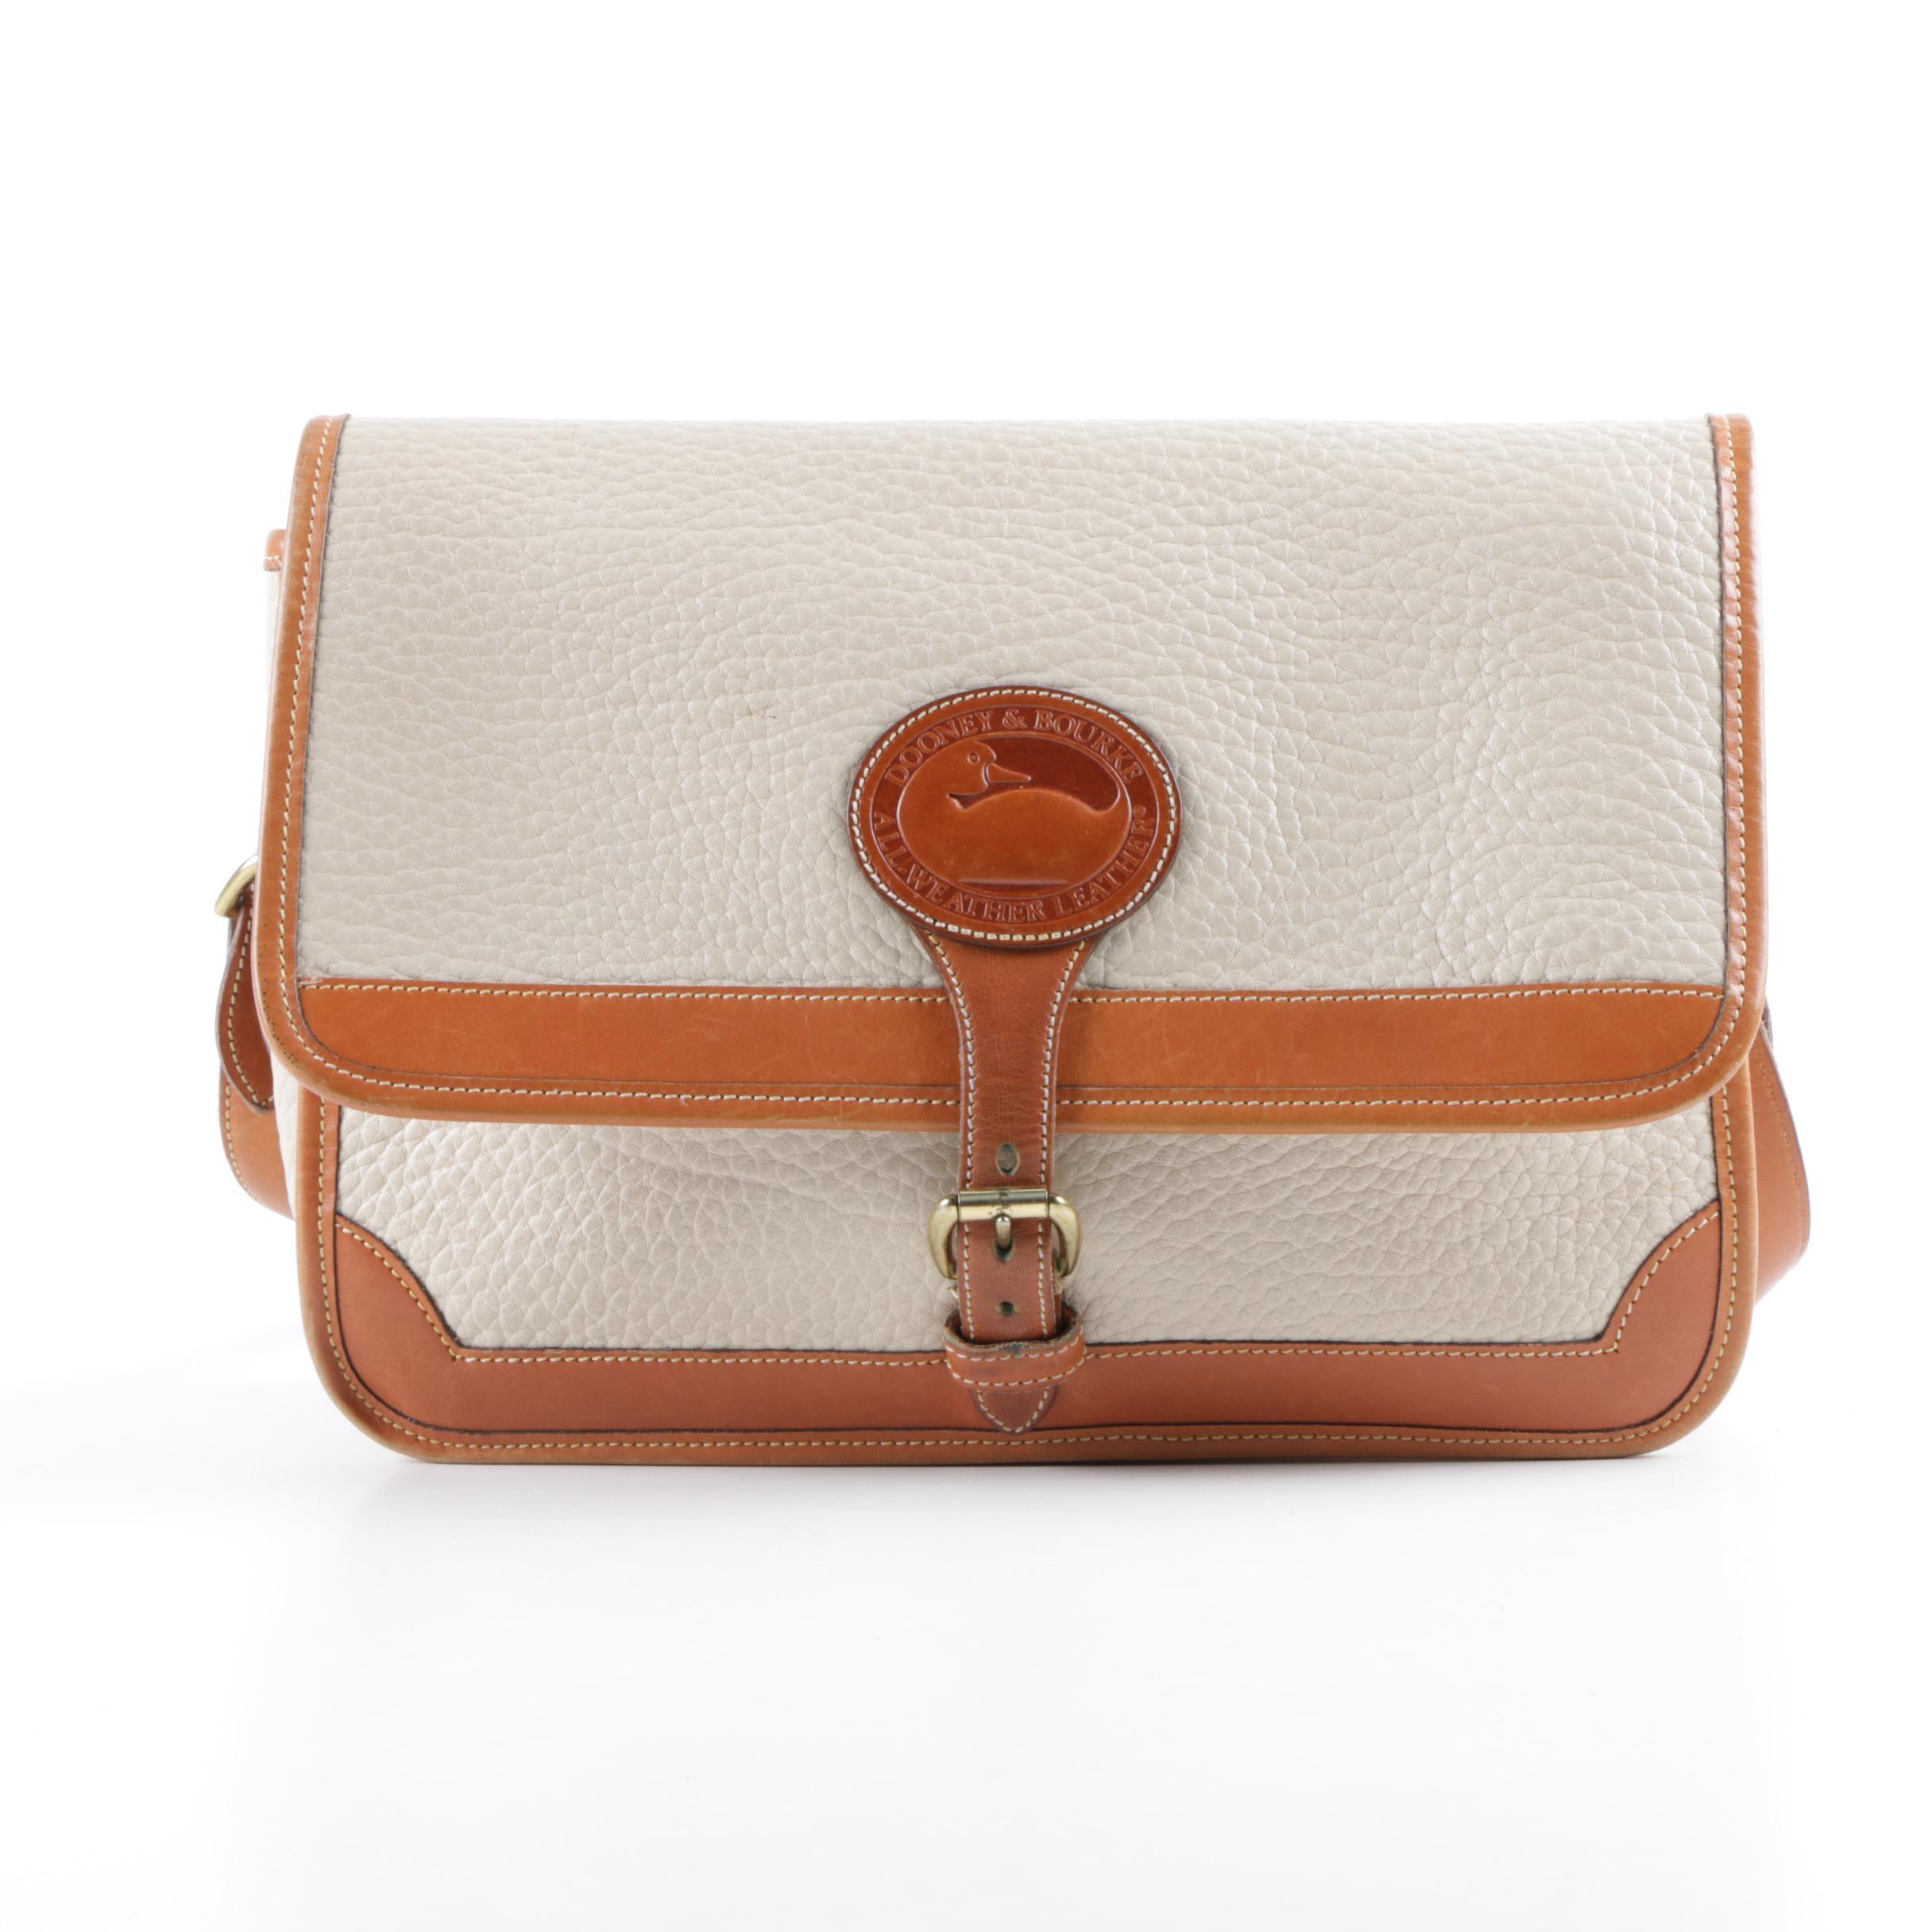 Vintage Dooney & Bourke All-Weather Leather Shoulder Bag